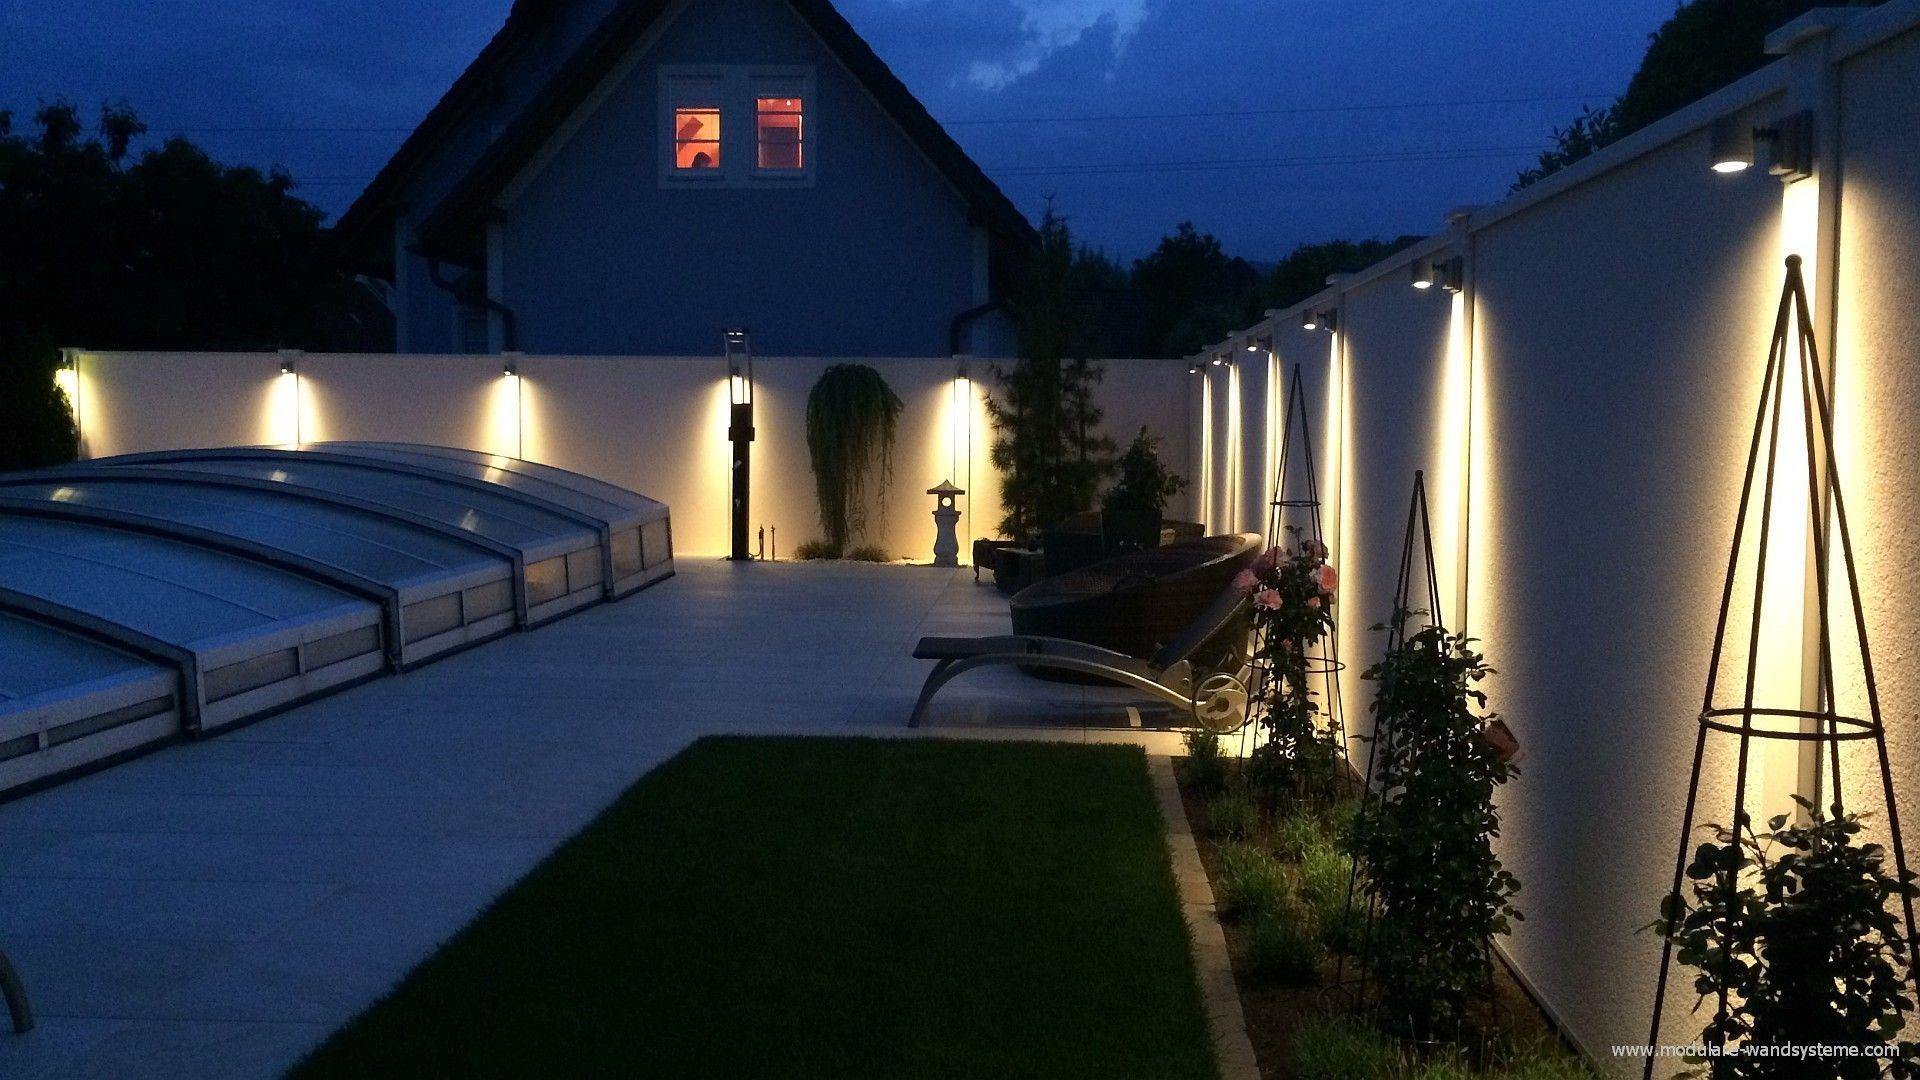 Sichtschutz am Schwimmbad bei Nacht | Ideen rund ums Haus ...